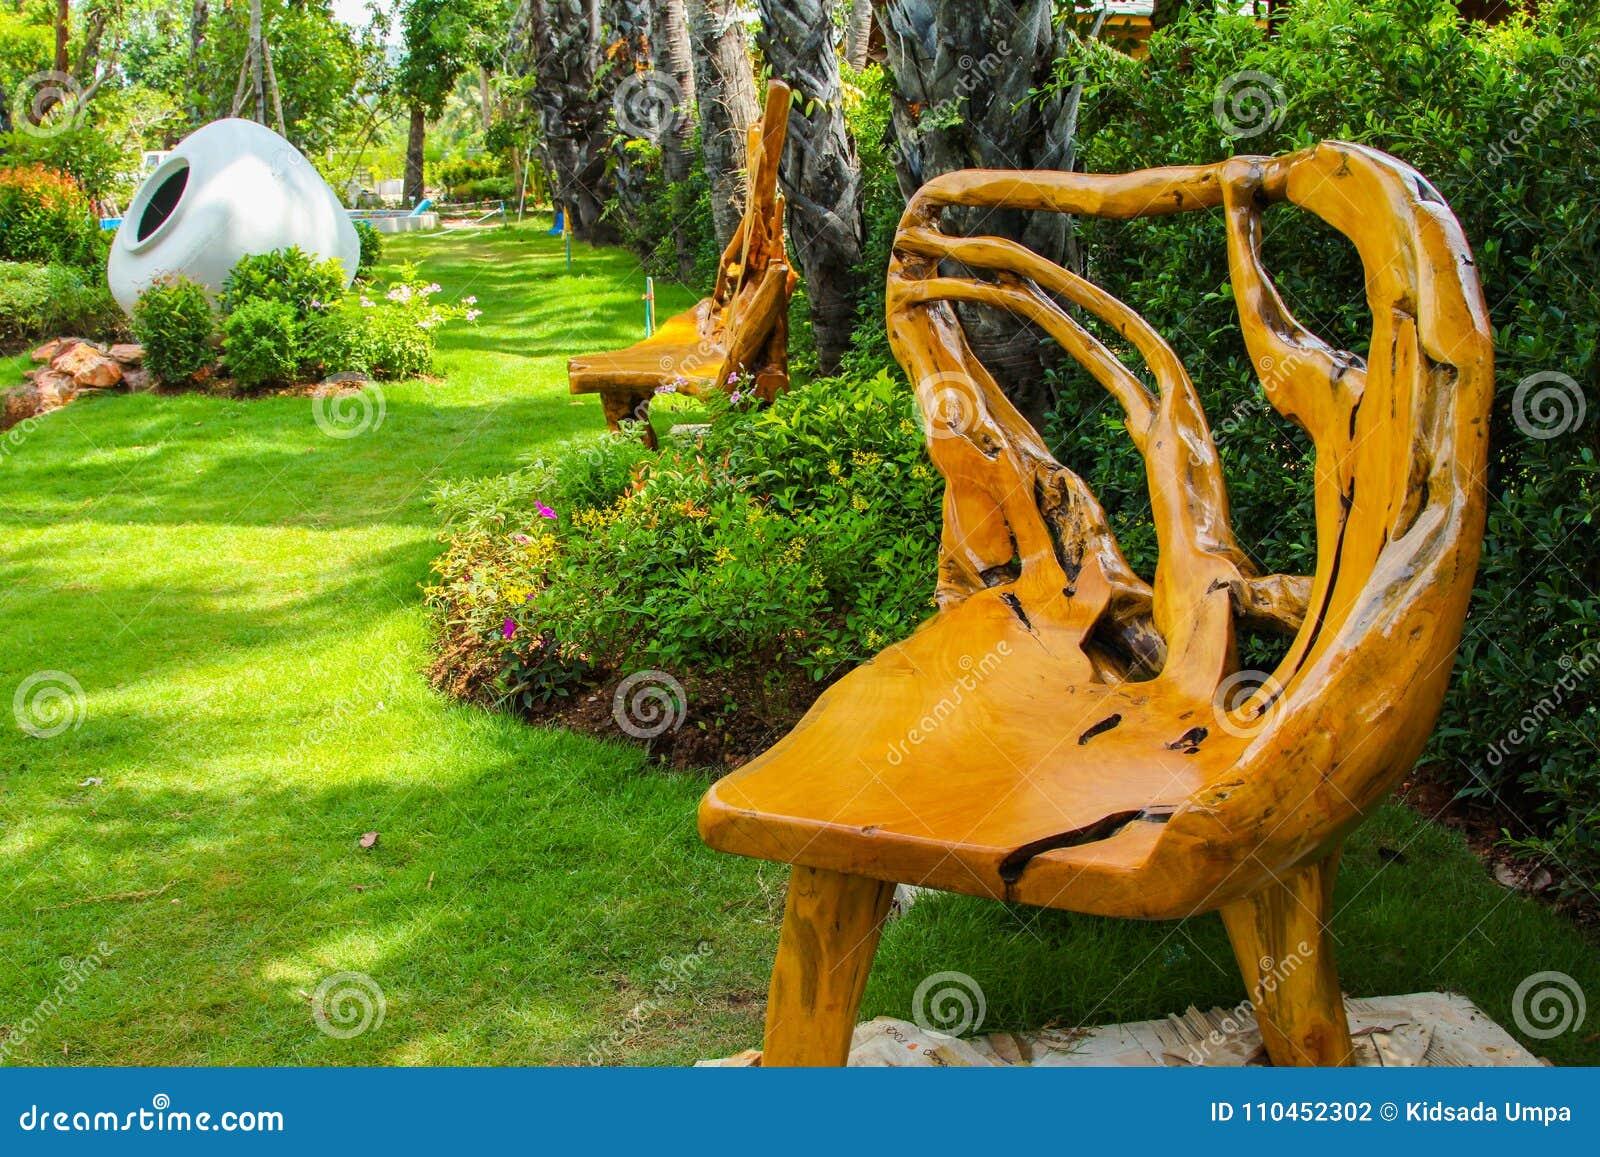 Wurzel-Stuhl im Park